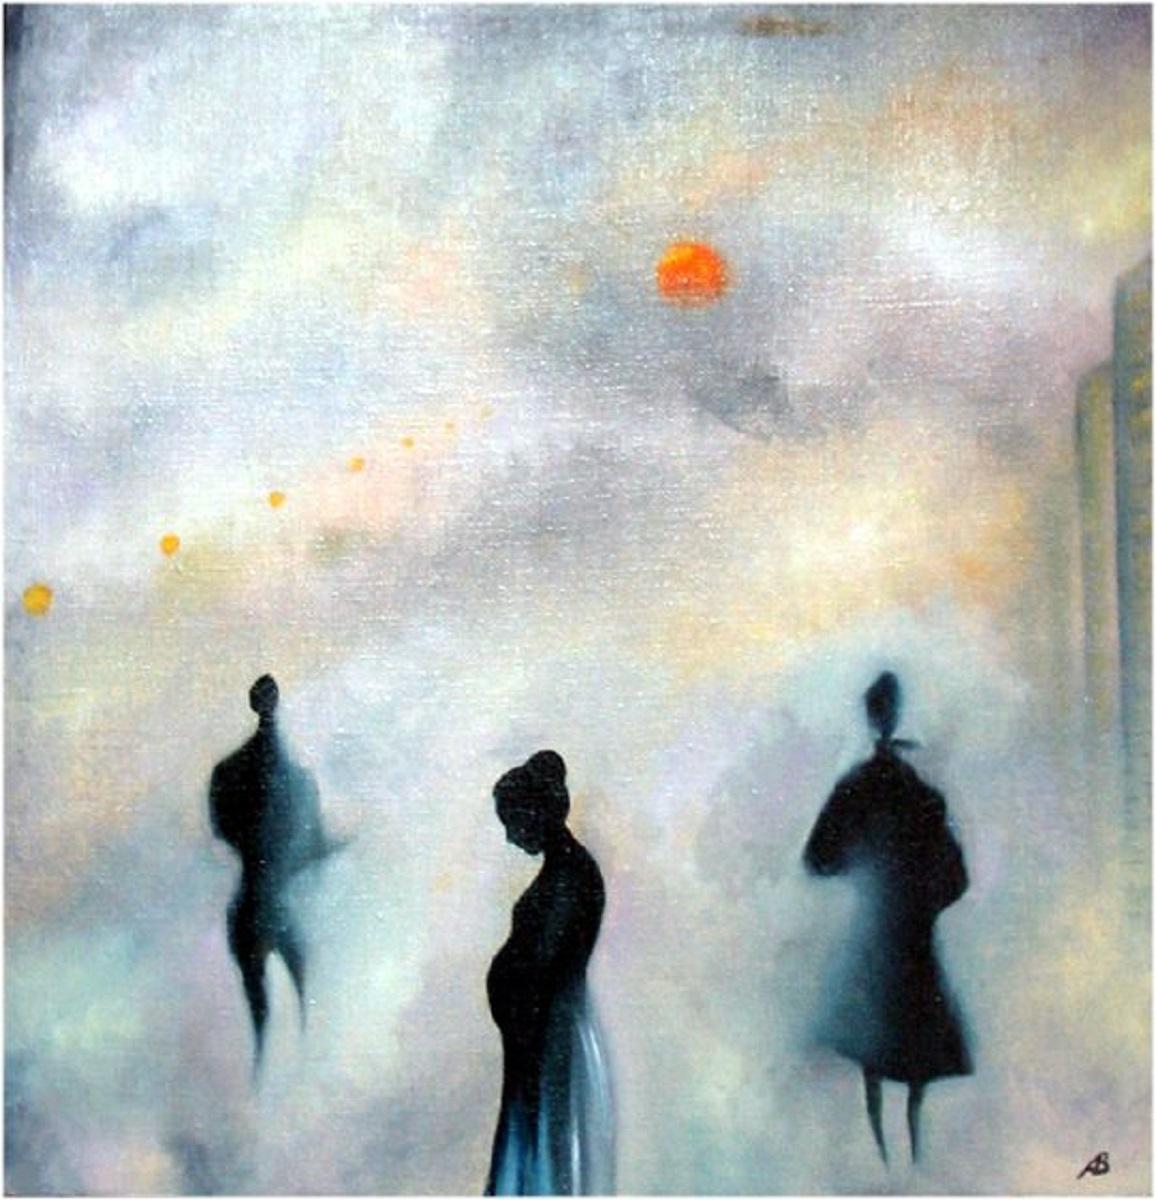 Владимир Васильевич Абаимов. Walking in the fog 3